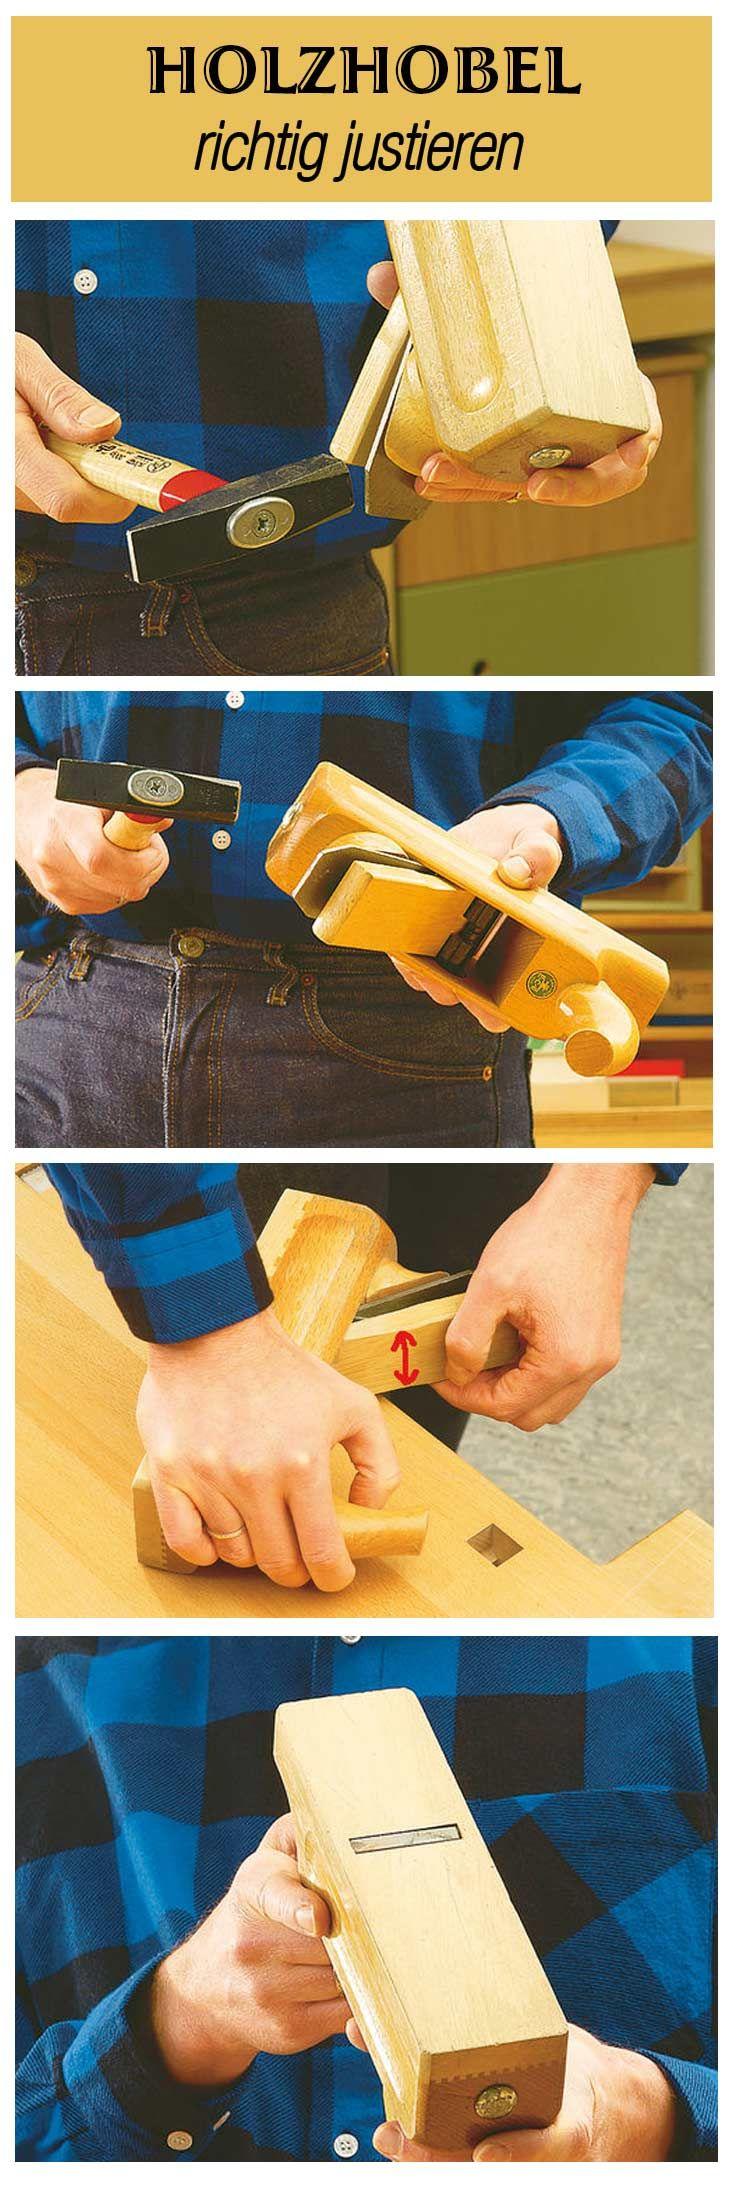 Wir erklären, wie man einen Holzhobel richtig justiert. Mit sanften seitlichen Schlägen das Messer seitlich justieren. Leichte Schläge auf den Knopf treiben das Eisen aus dem Maul. Der Keil darf nur so fest in den Hobelkasten geschlagen werden, dass er sich mit seitlichen Hebelbewegungen (Pfeil) per Hand wieder lösen lässt. Die richtige Messereinstellung kann man kontrollieren, indem man flach über die Hobelsohle peilt. Die Schneide darf nur ganz flach hervorstehen.